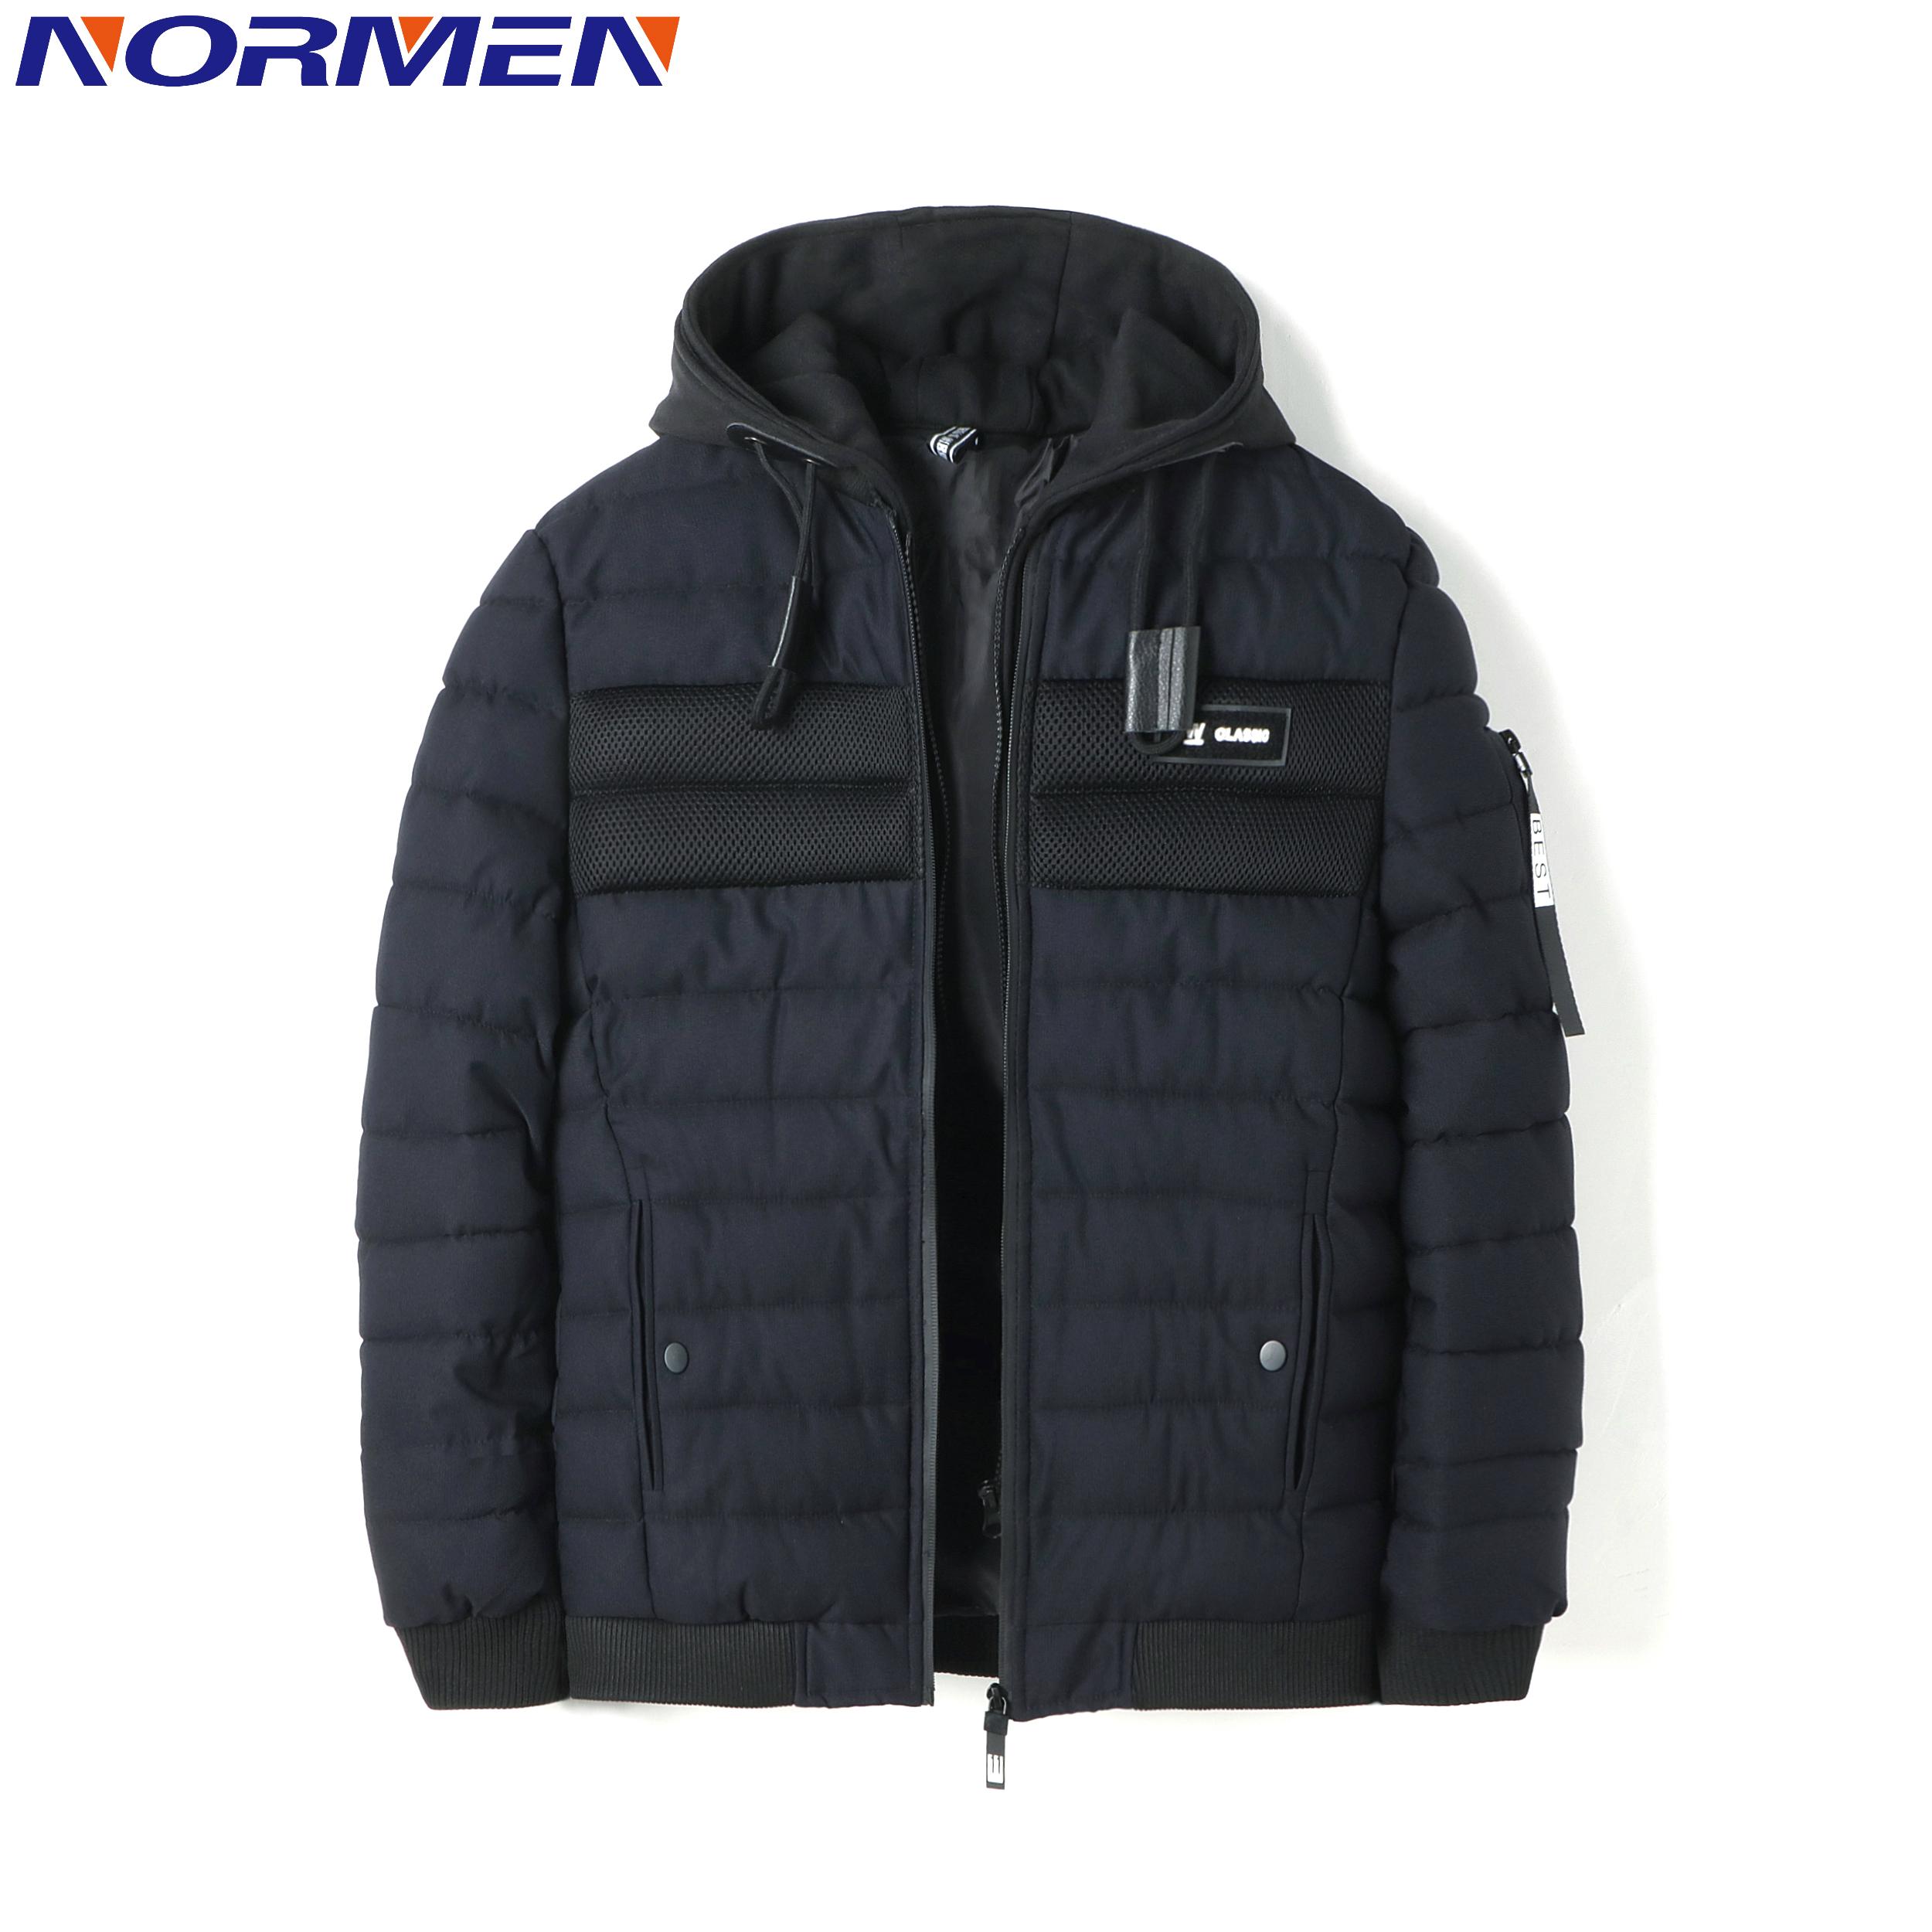 [해외]NORMEN 남성용 캐주얼 파커 패치 워크 후드 티드 윈드 자켓 남성용 패션 솔리드 스테이웨어웨어 두꺼운 패딩 오버 코트 리브 슬리브 코트 남성용/NORMEN Men&s Casual Parkas Patchwork Hooded Winter Jacket Man Fa